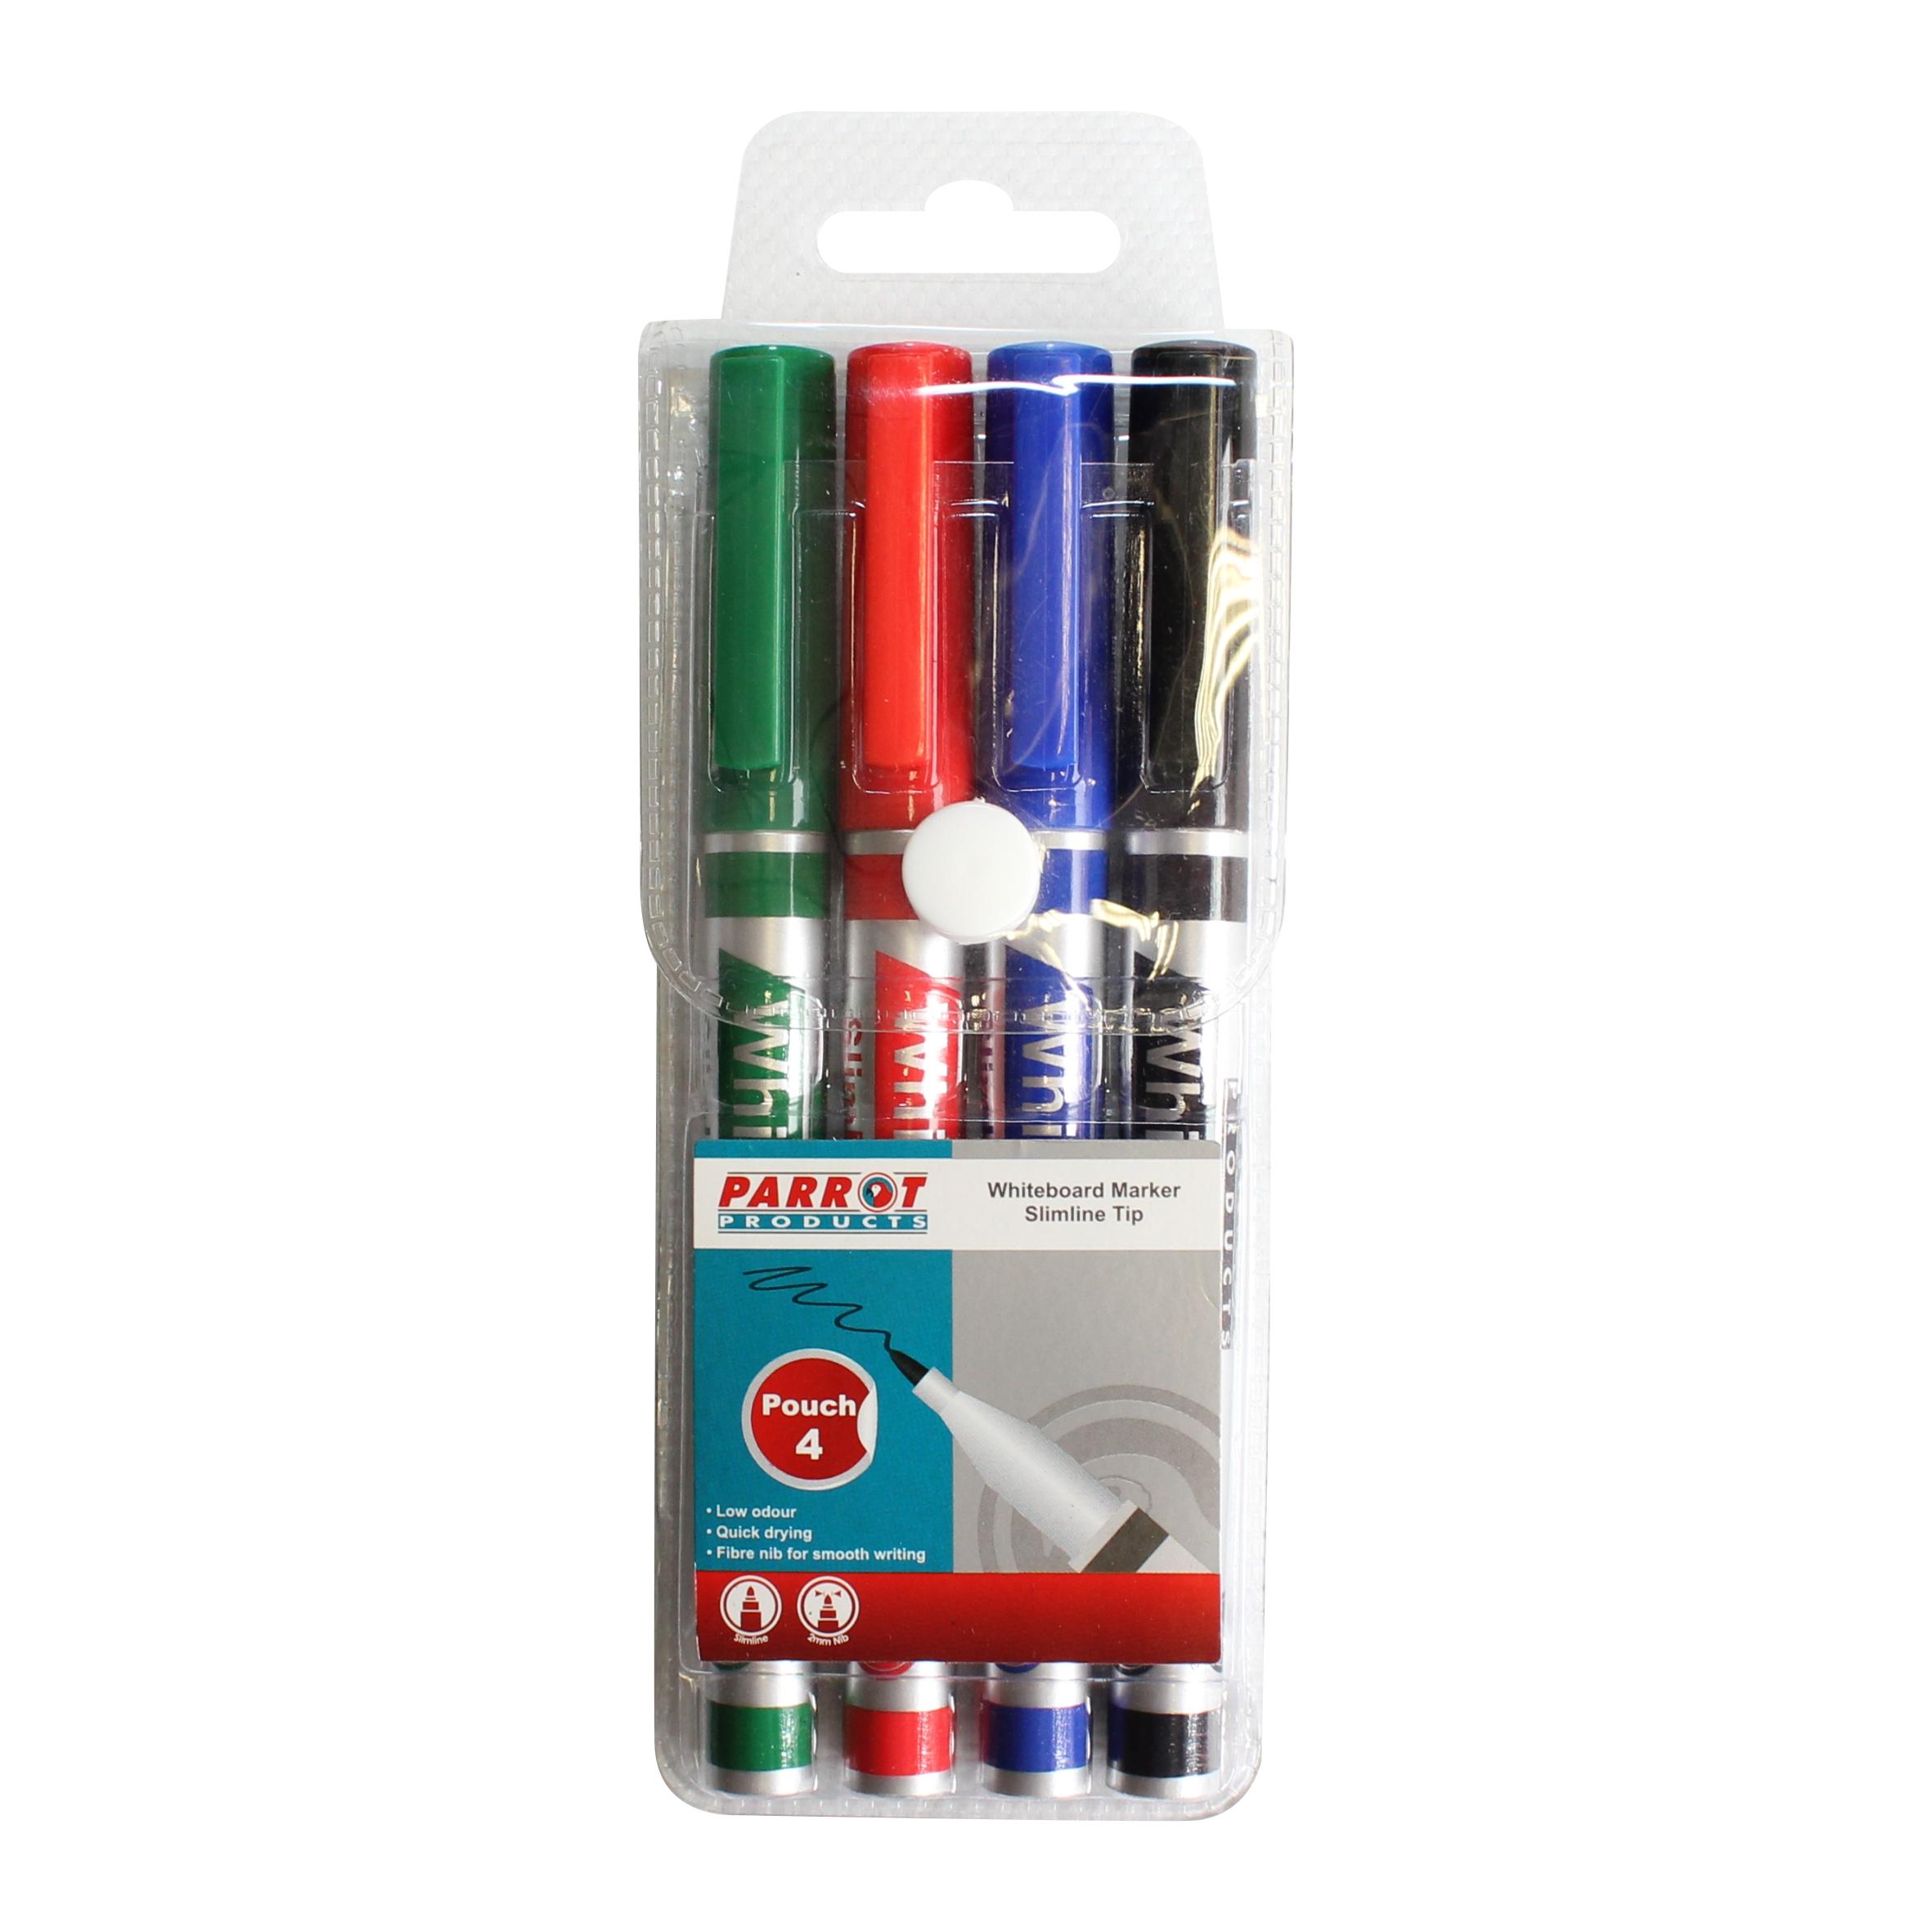 Whiteboard Marker (Slimline Tip, Pouch 4)